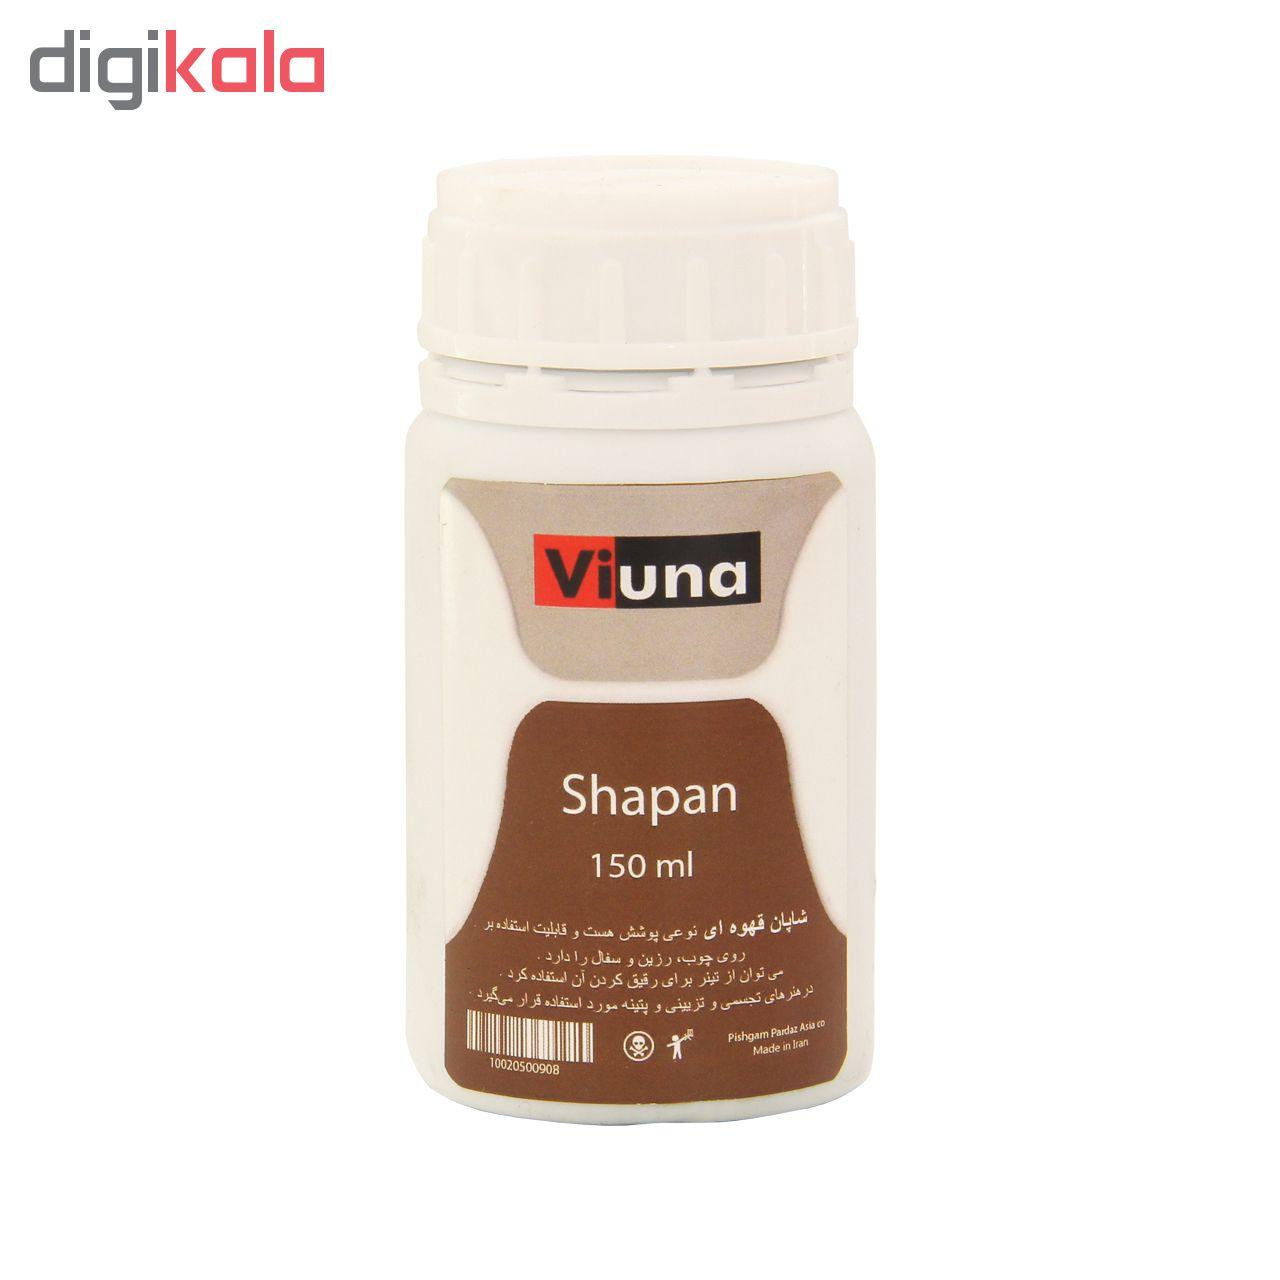 شاپان ویونا مدل Shapan150 حجم 150 میلی لیتر